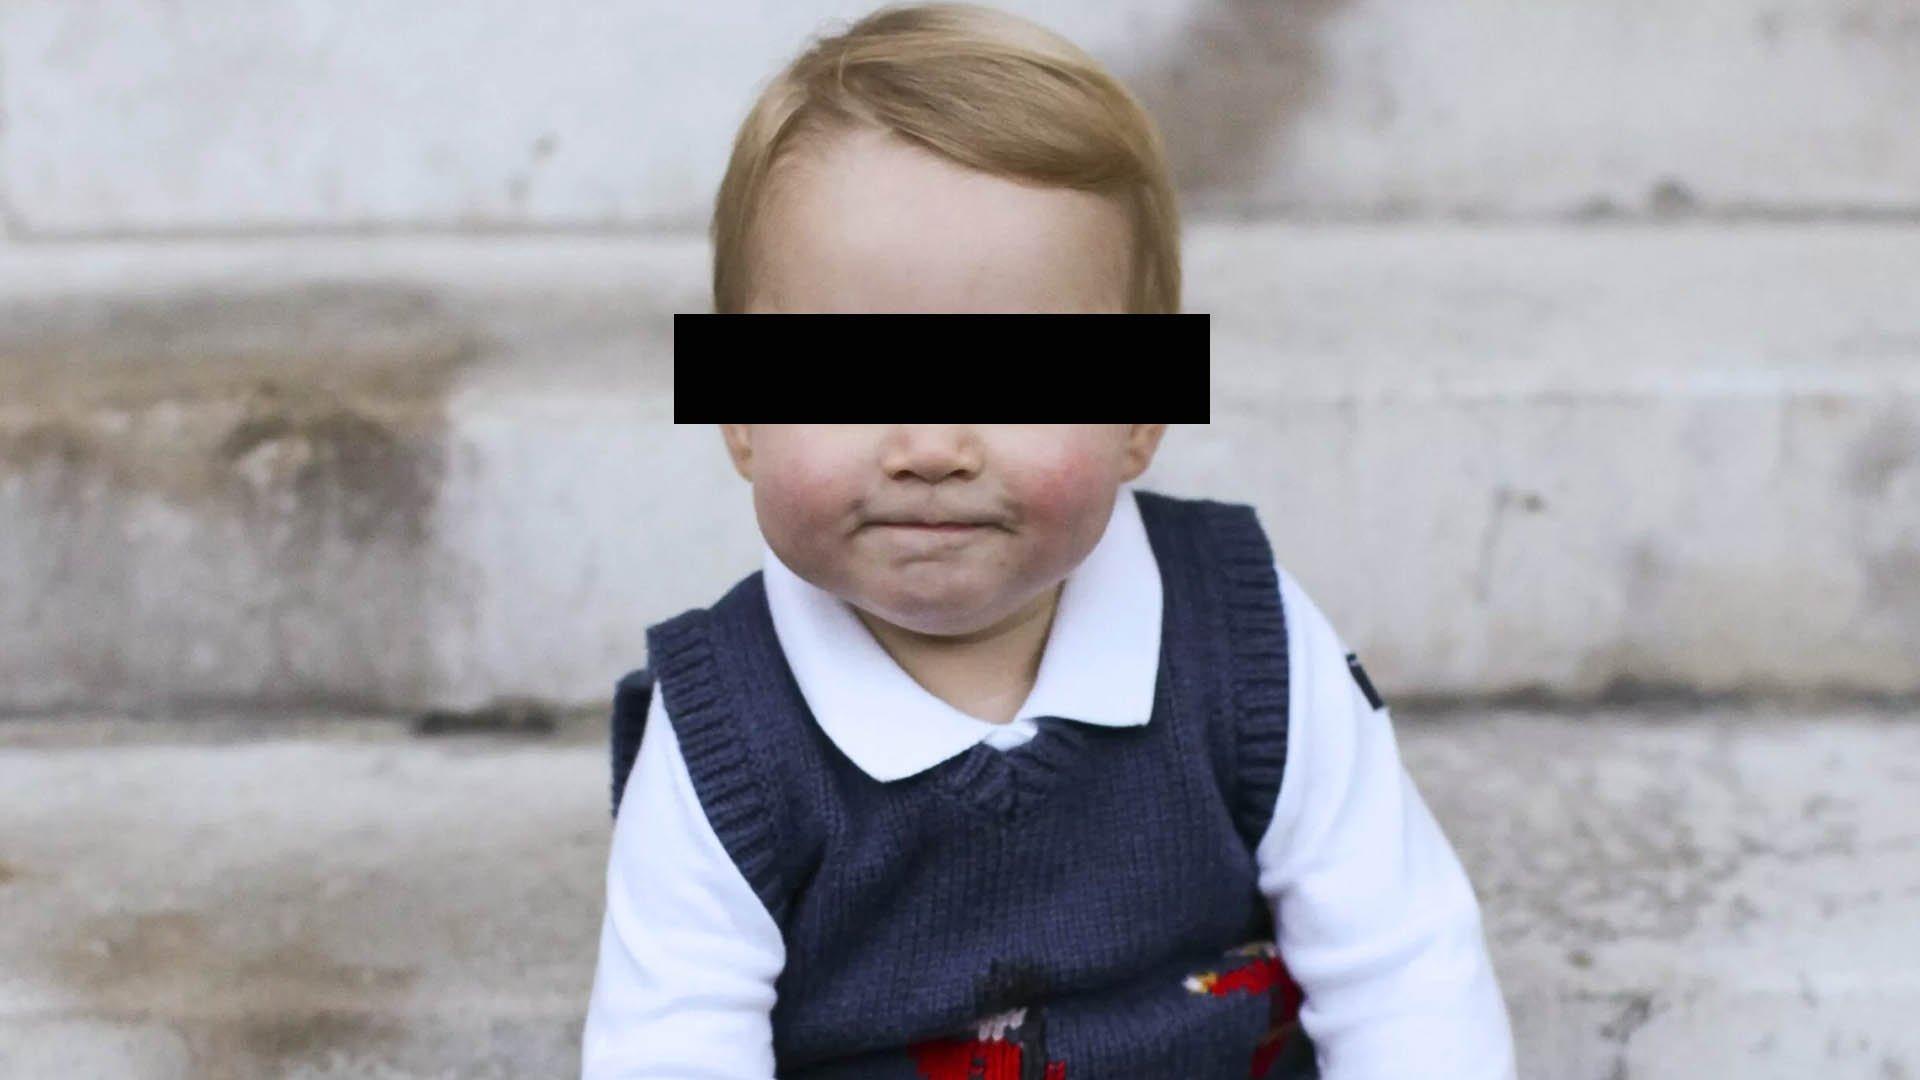 Il diritto di mettere mio figlio su internet